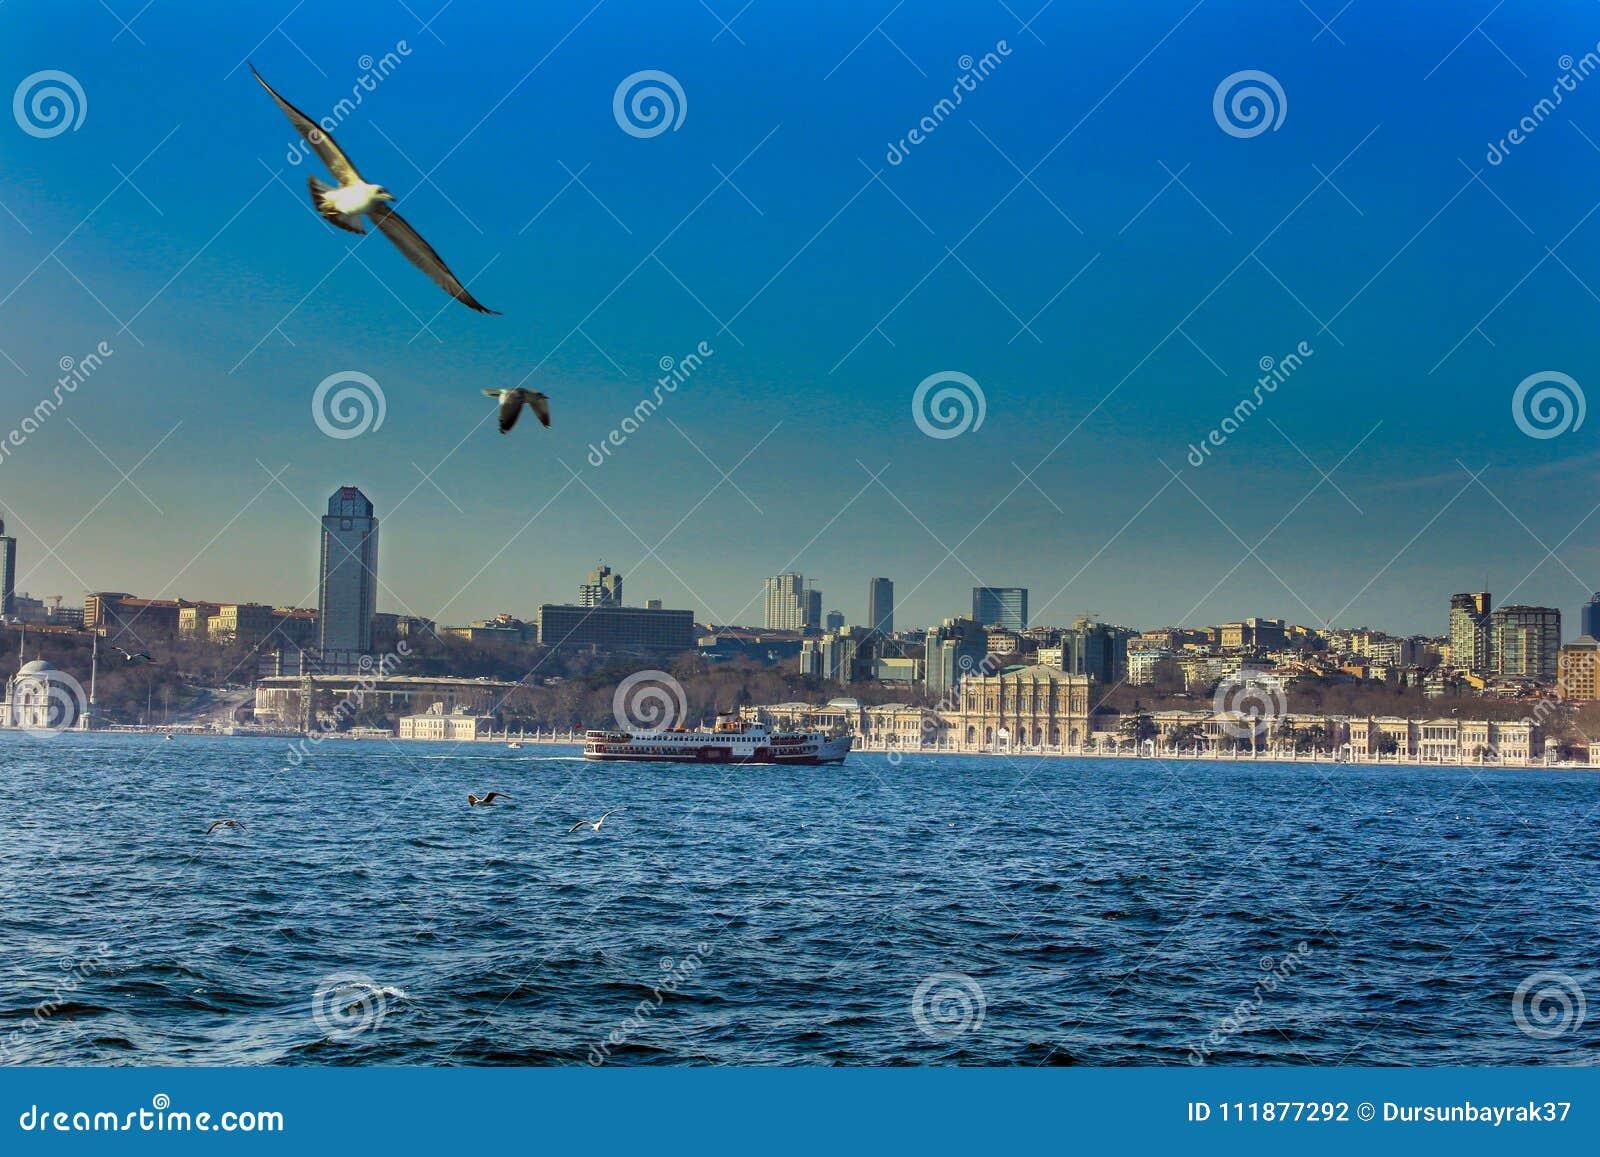 Bosphorus Dolmabahce Palace Istanbul